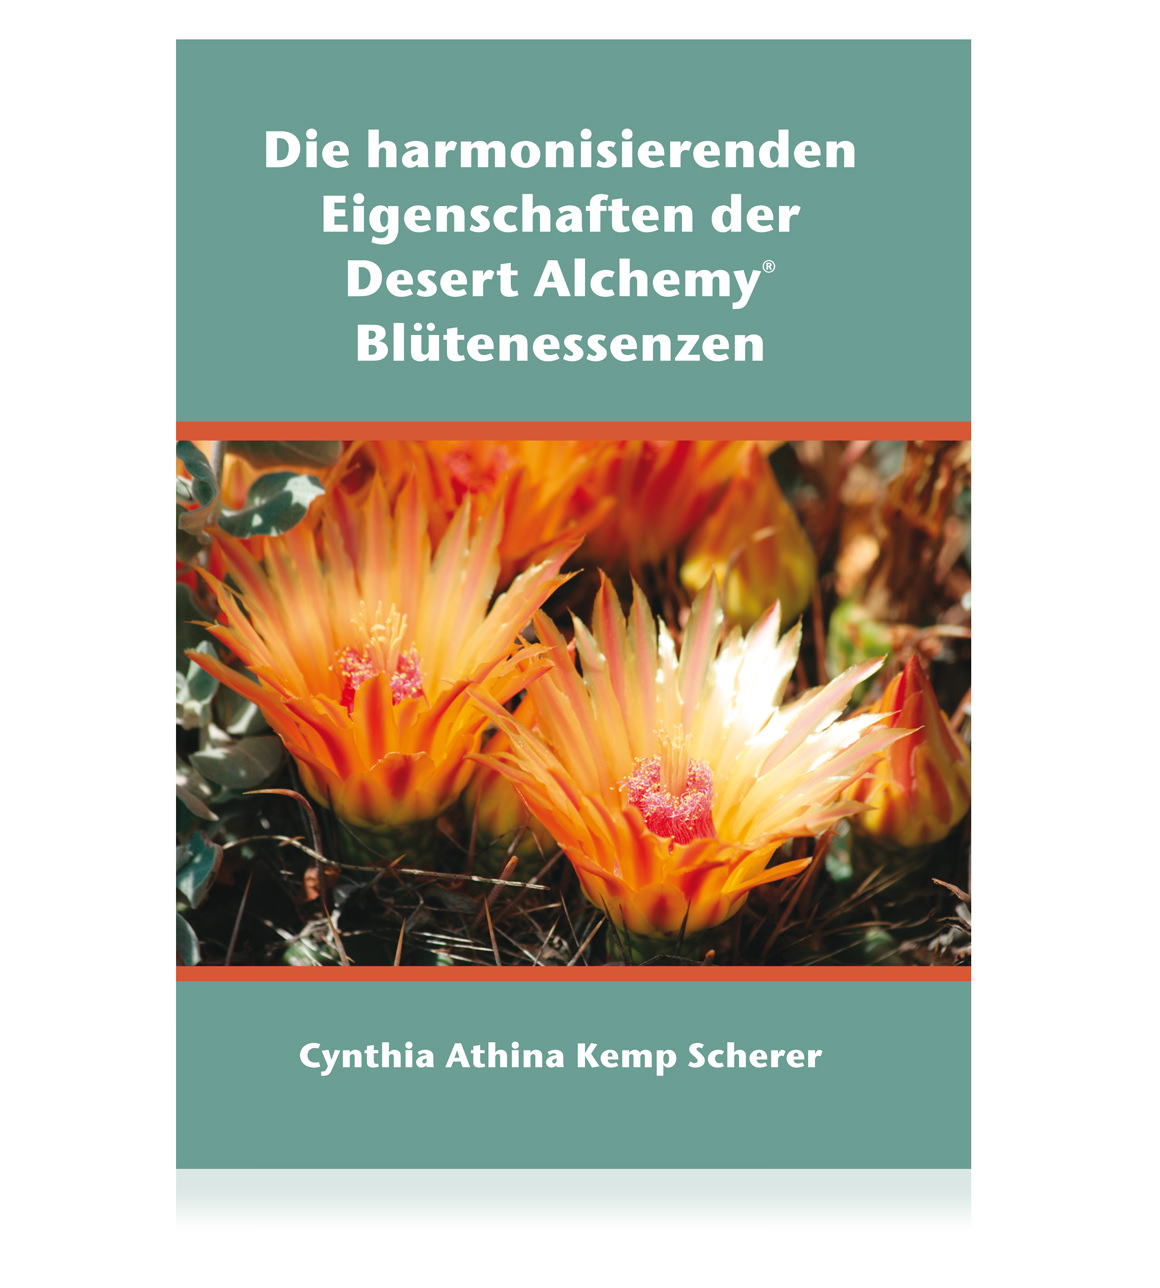 Die harmonisierenden Eigenschaften der Desert Alchemy Blütenessenzen